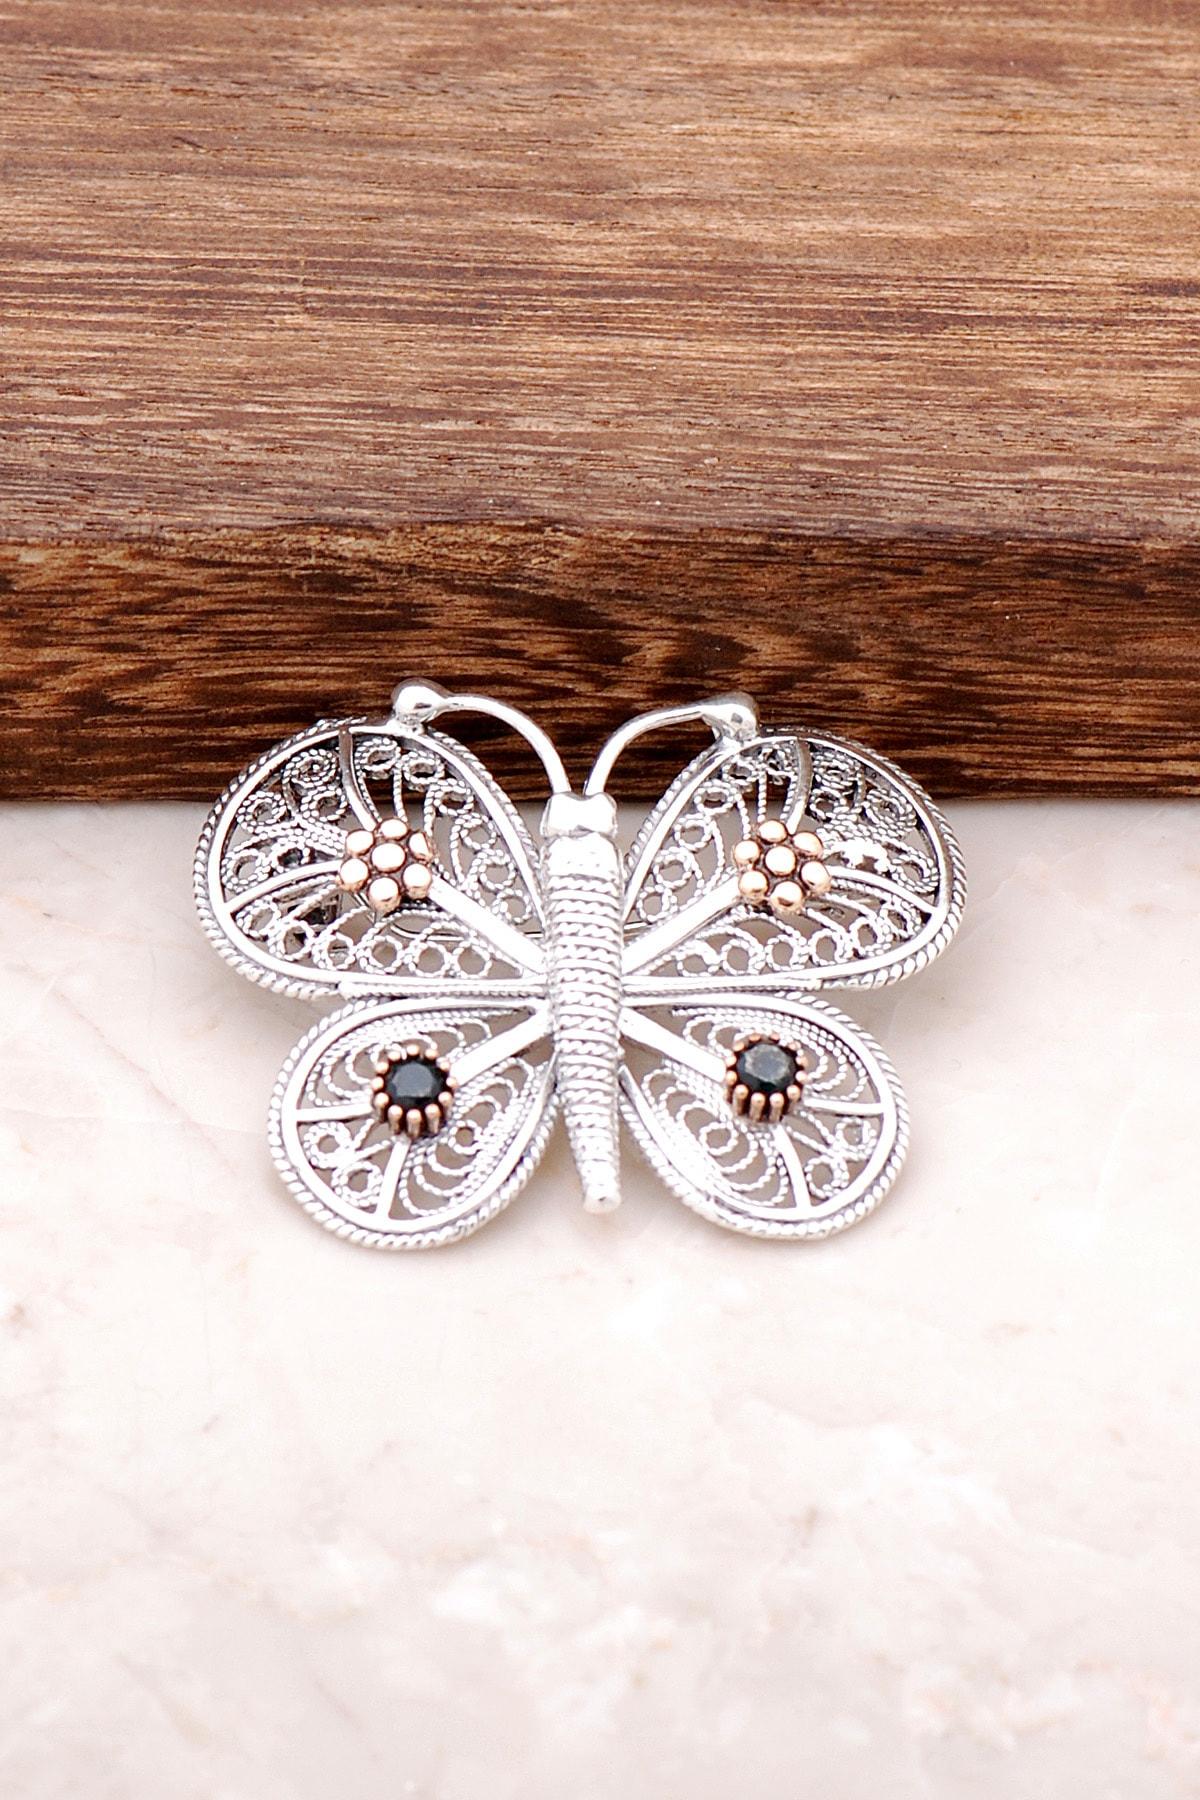 Sümer Telkari Kelebek Tasarımlı Elişi Gümüş Broş 279 1